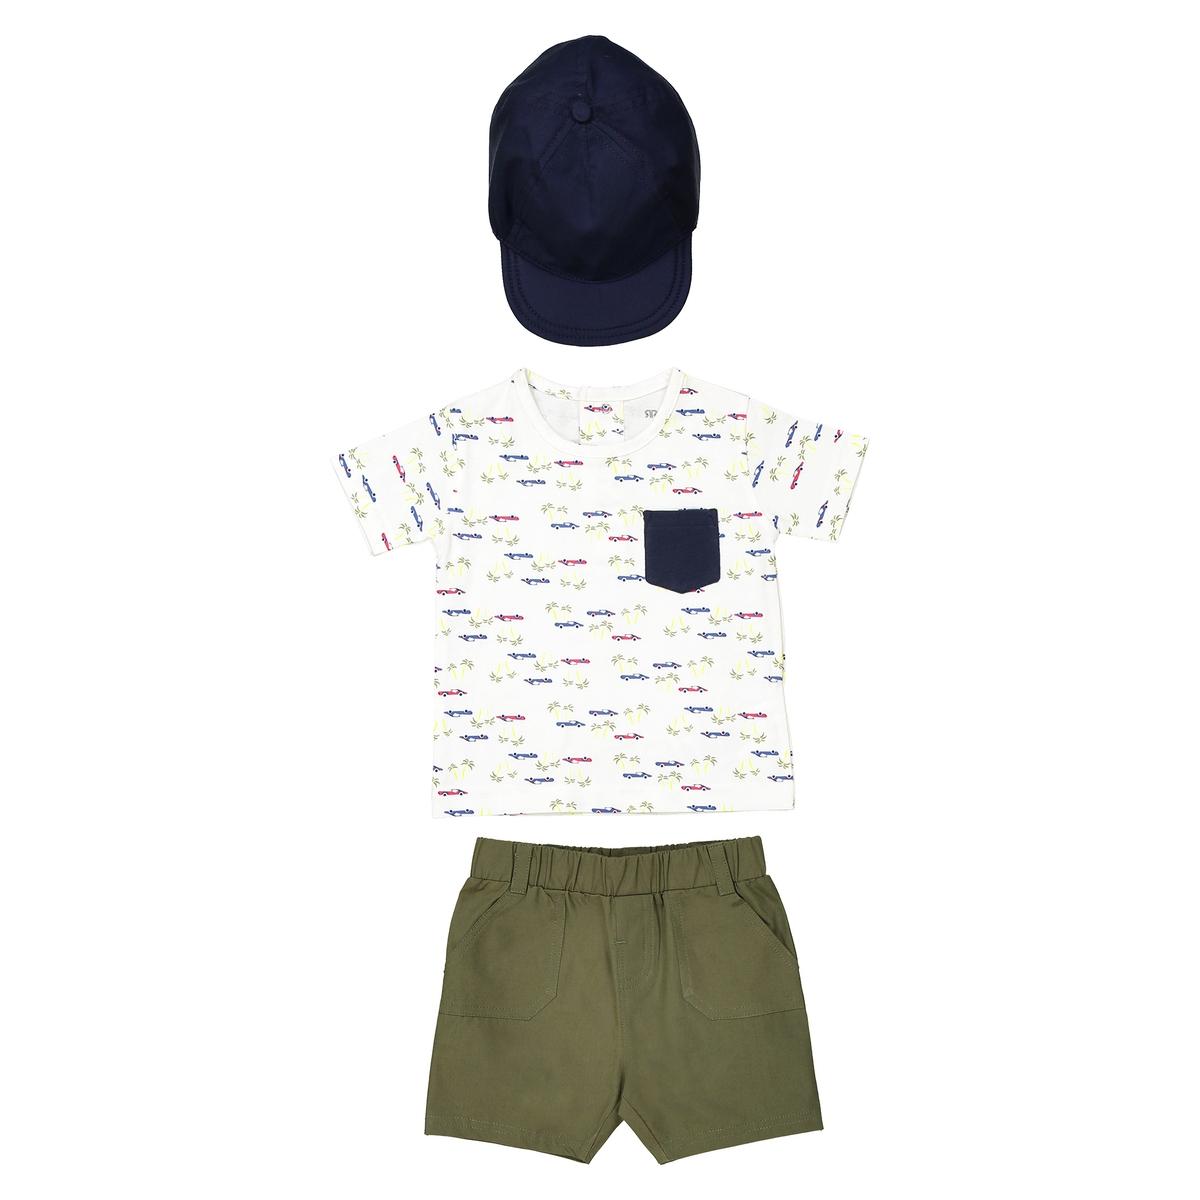 Комплект: футболка, бермуды, кепка 1 мес - 3 года